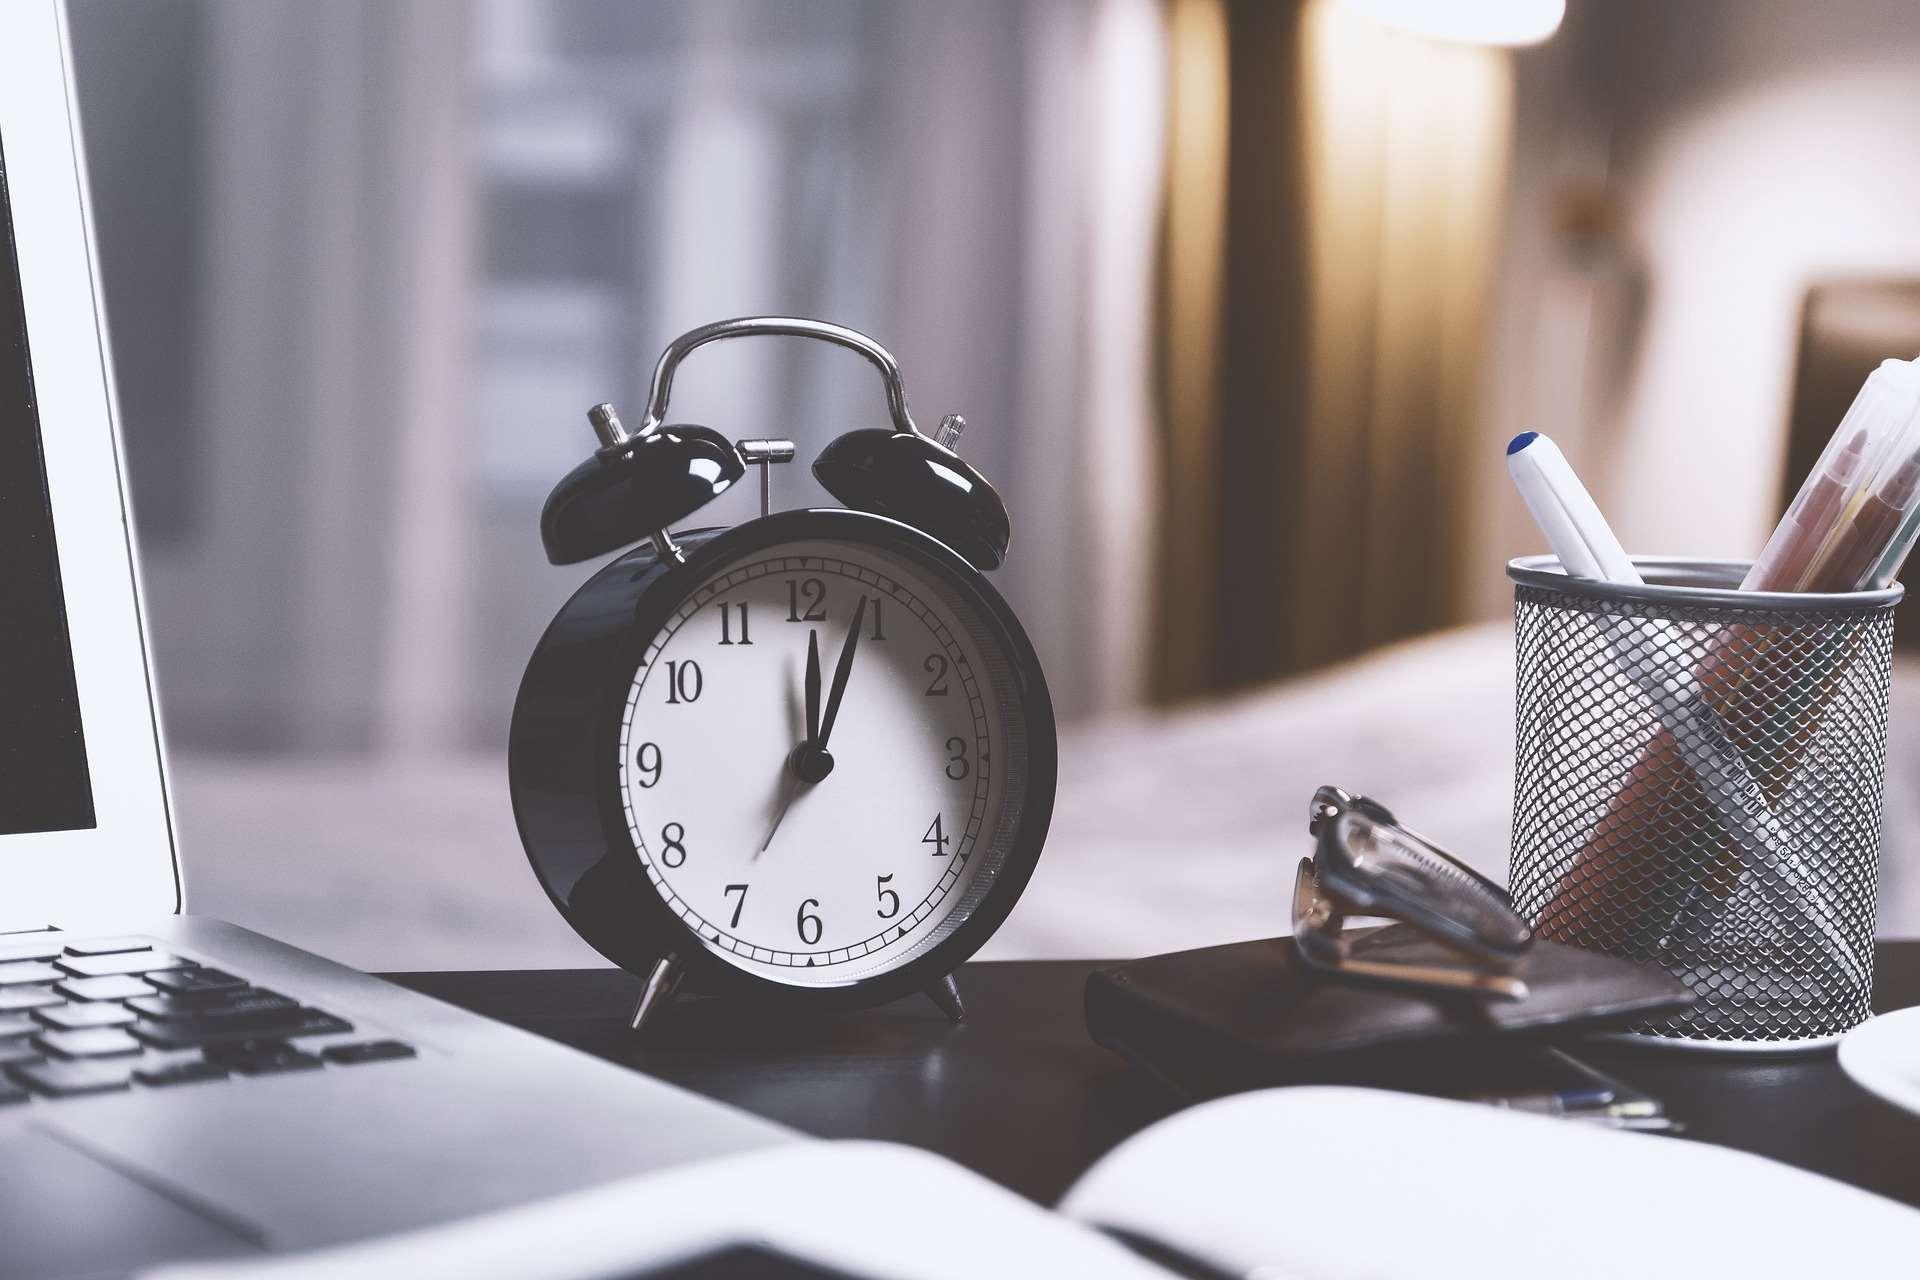 Liczba godzin pracy w miesiącu – jak wyliczyć wymiar czasu pracy?